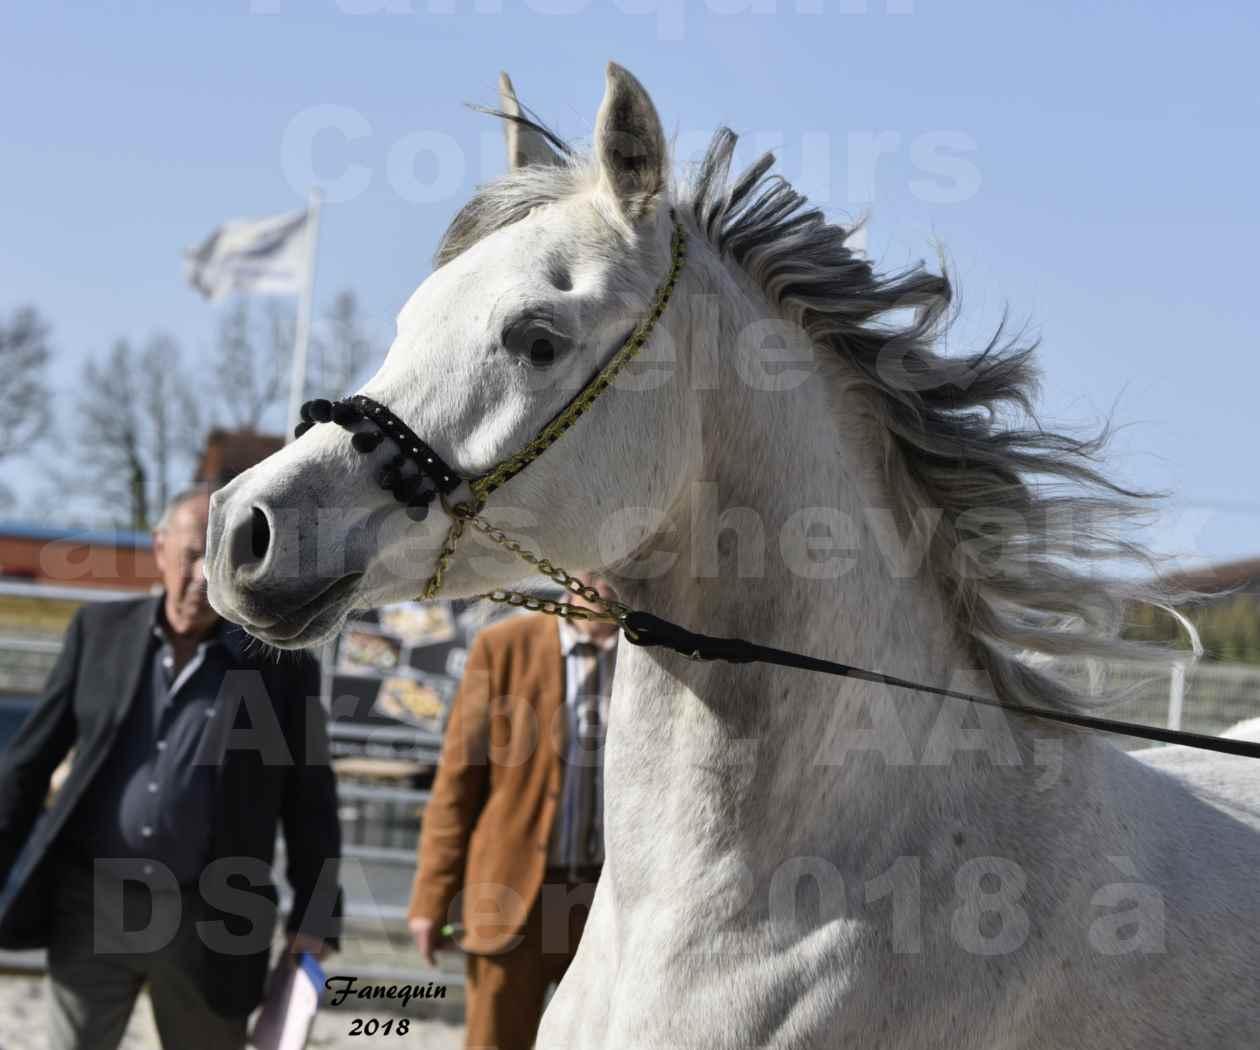 Concours d'élevage de Chevaux Arabes - D S A -A A - ALBI les 6 & 7 Avril 2018 - NAÏM DE L'OLIVIER - Notre Sélection - Portraits - 2